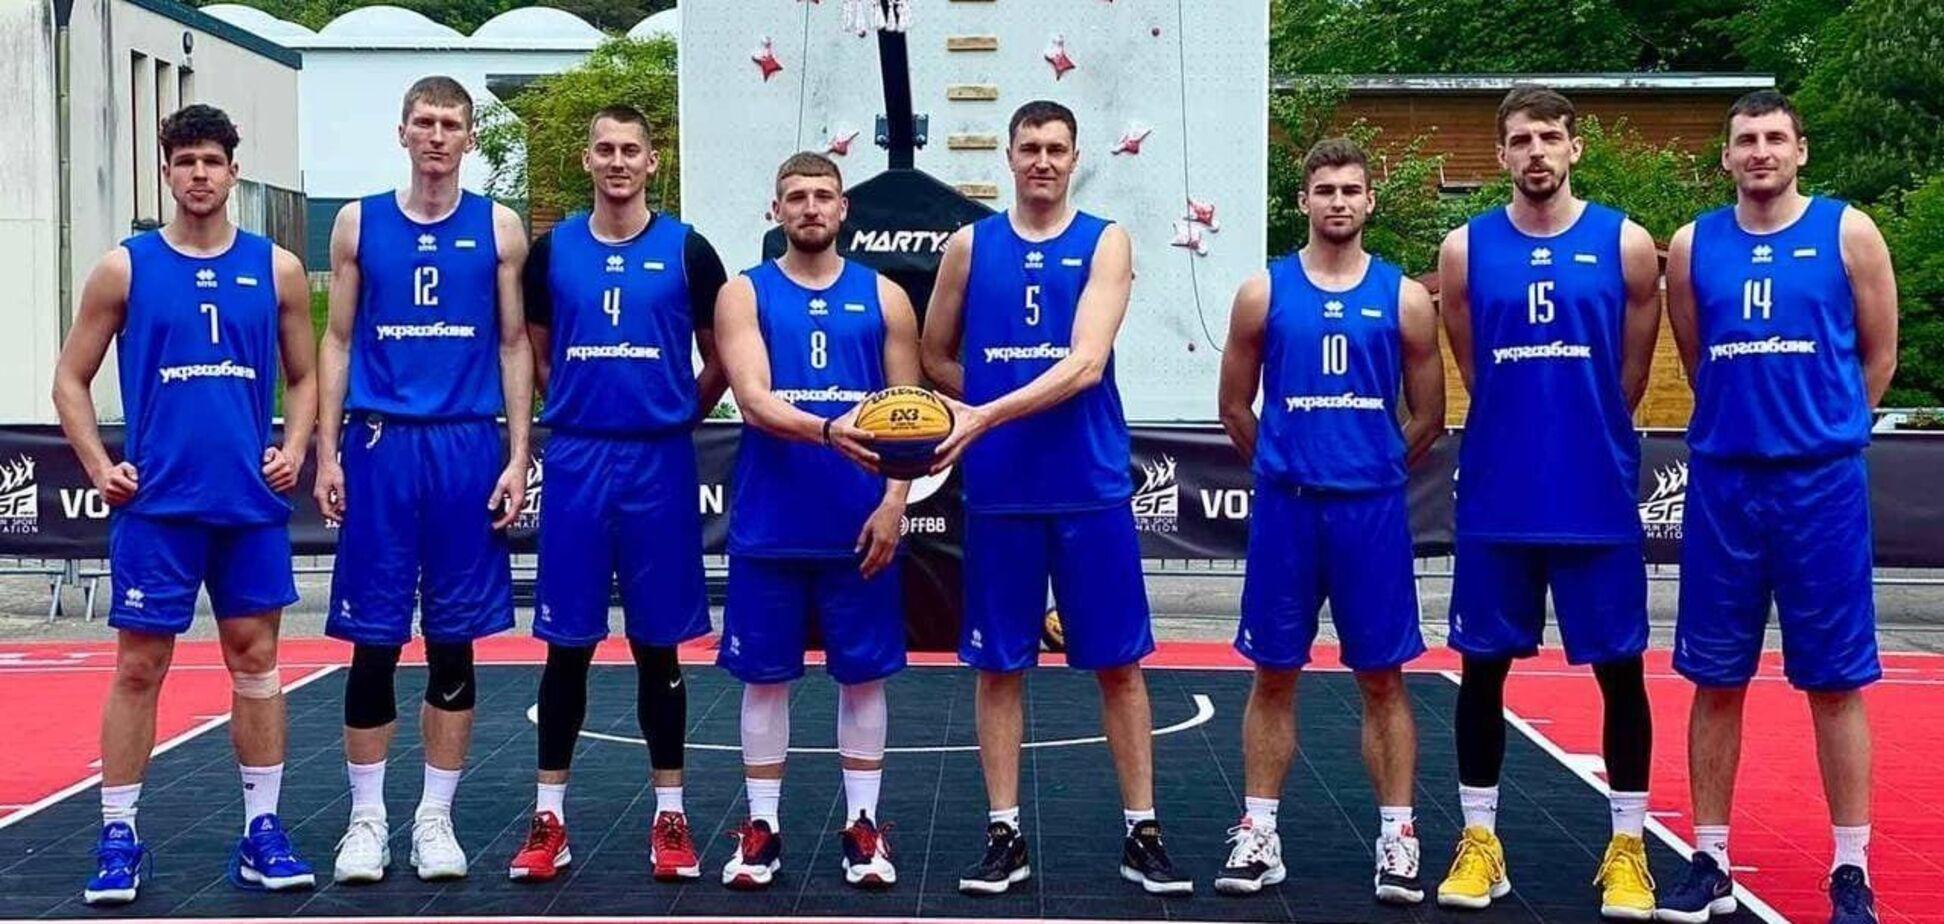 Украинские баскетболисты 3х3 на квалификационном турнире к ОИ-2020: состав группы и расписание